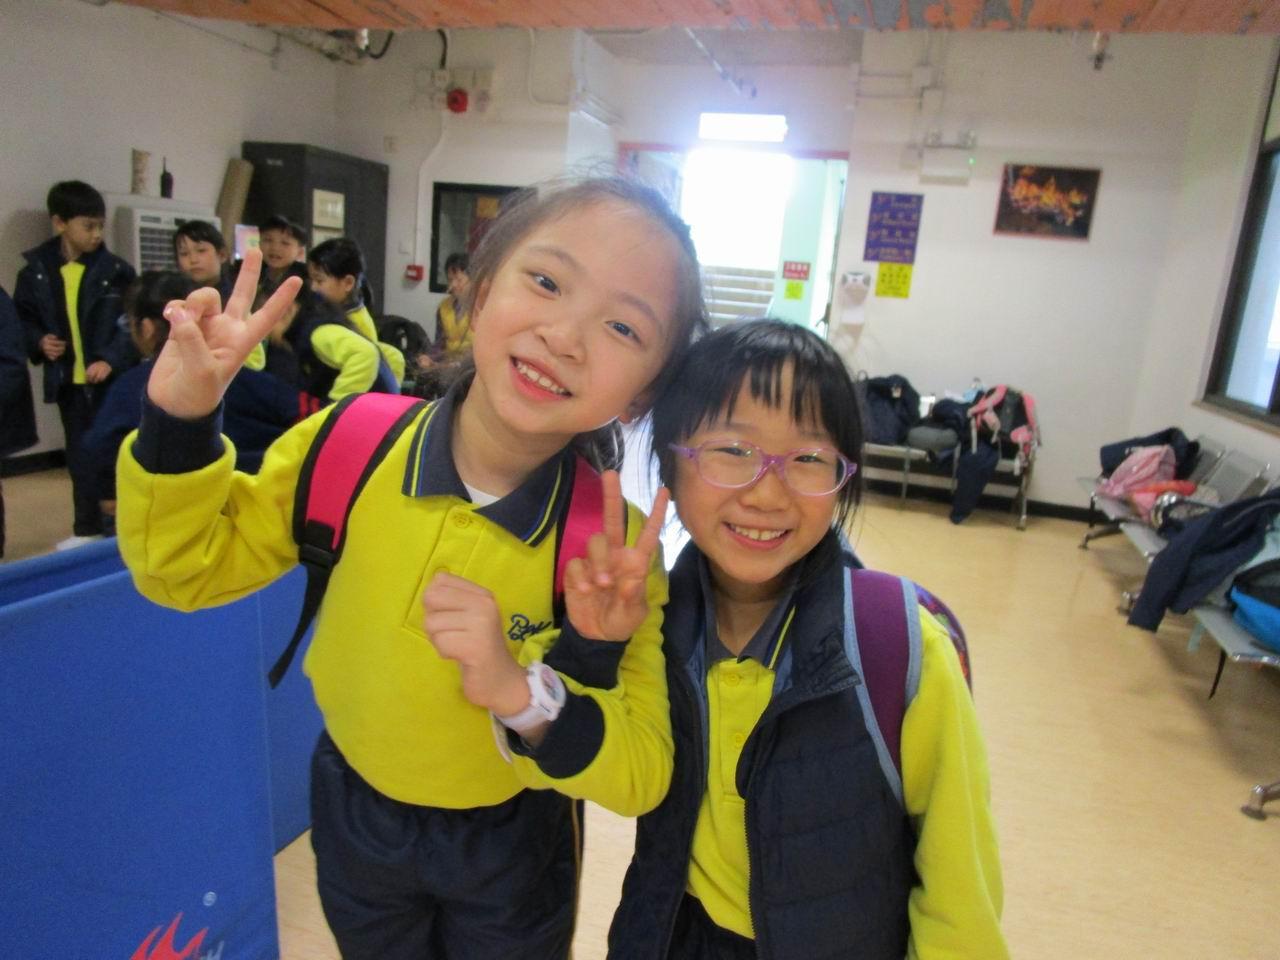 https://plkcjy.edu.hk/sites/default/files/diao_zheng_da_xiao_img_1358.jpg